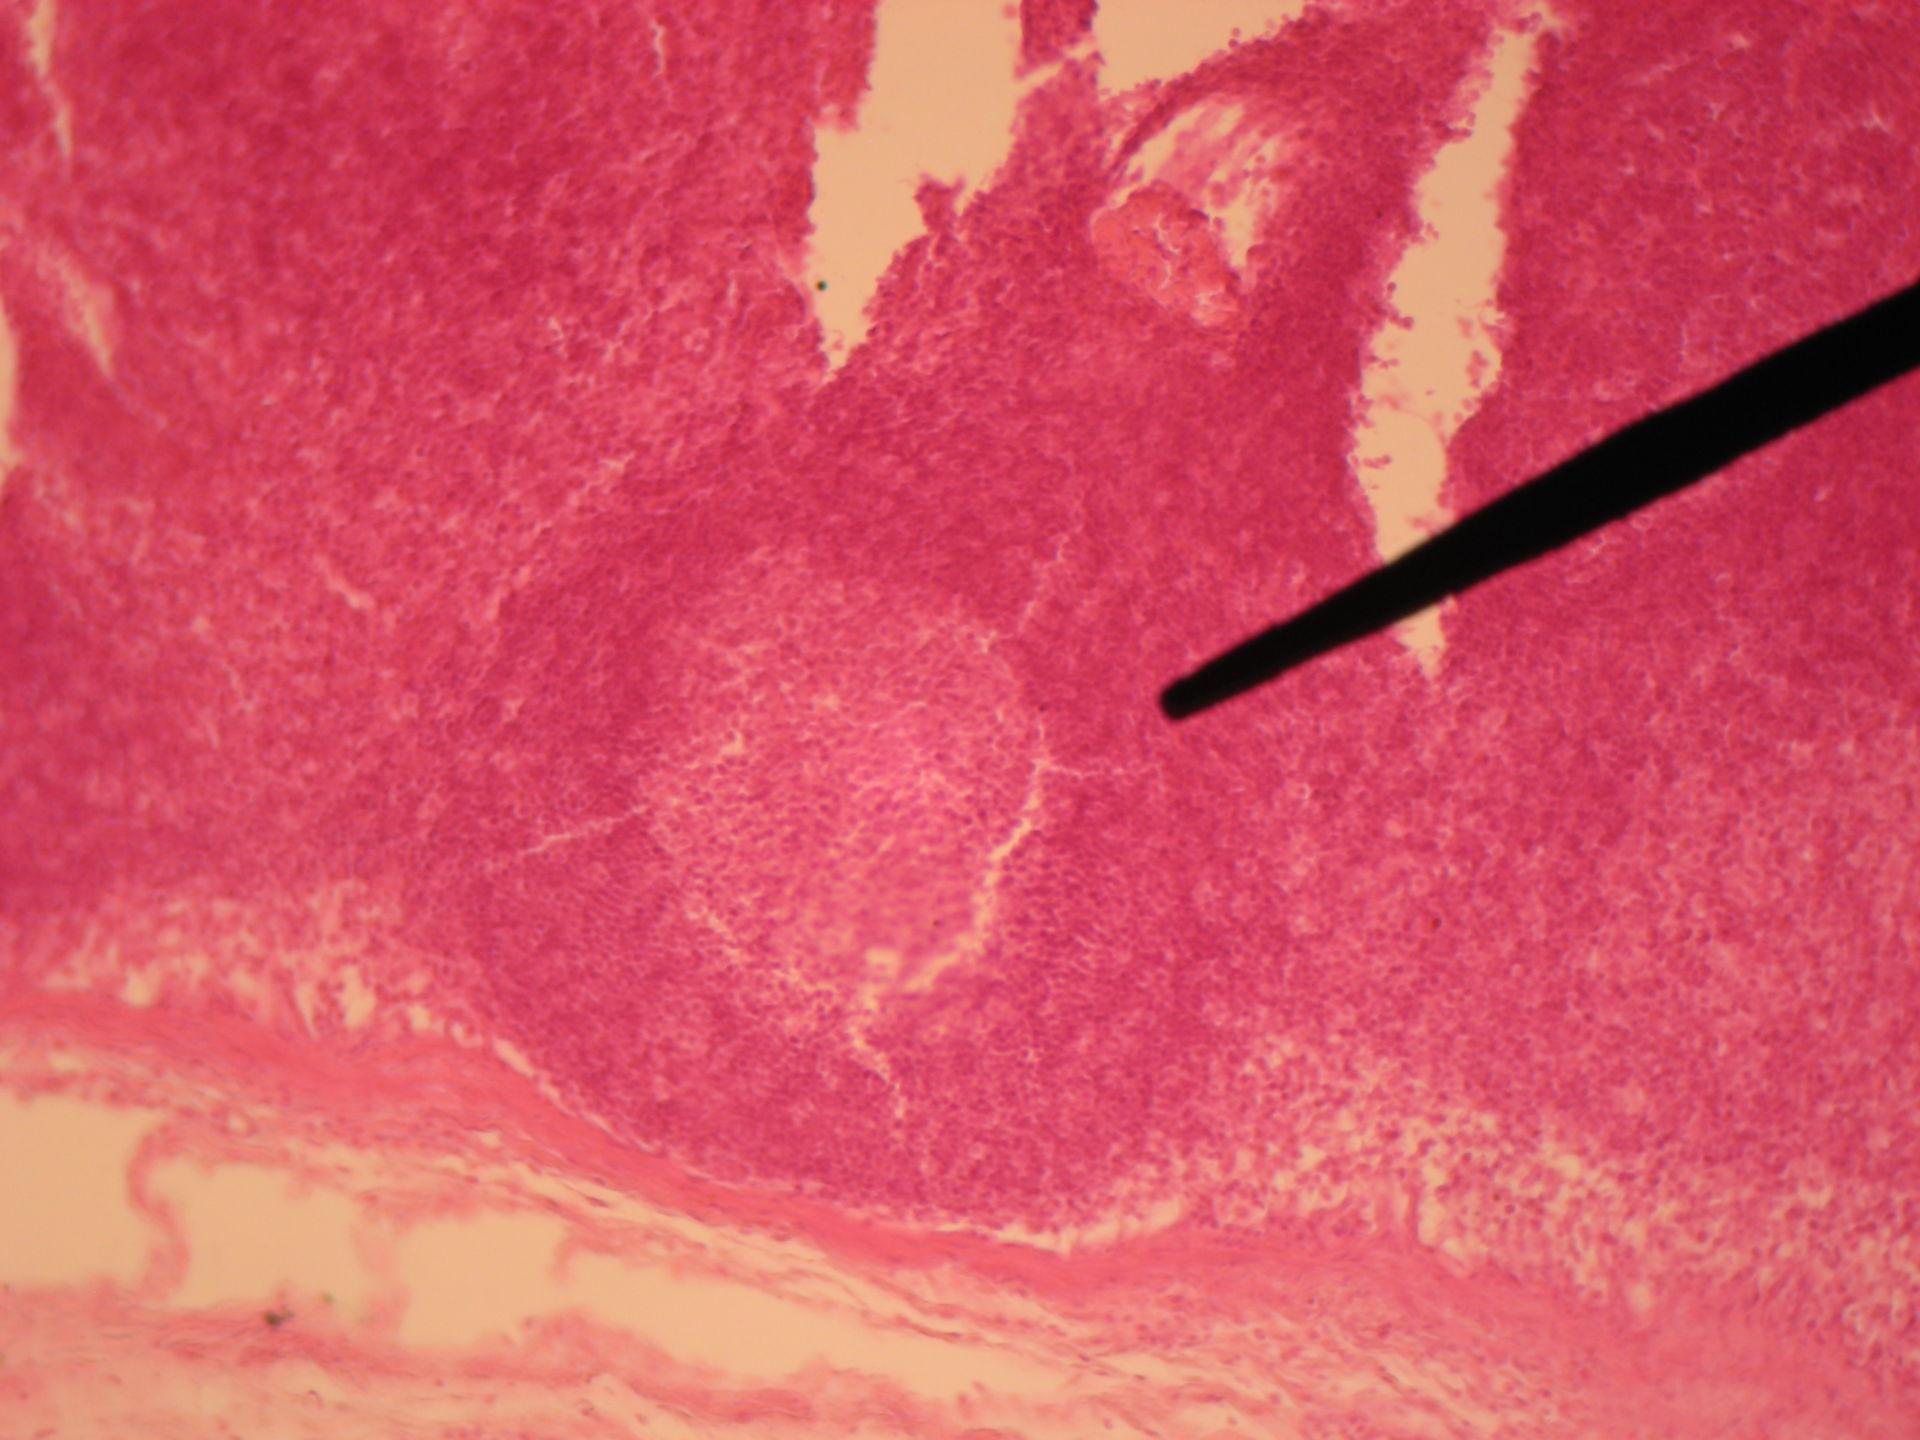 Lymphknoten des Rindes 8 - Lymphknötchen